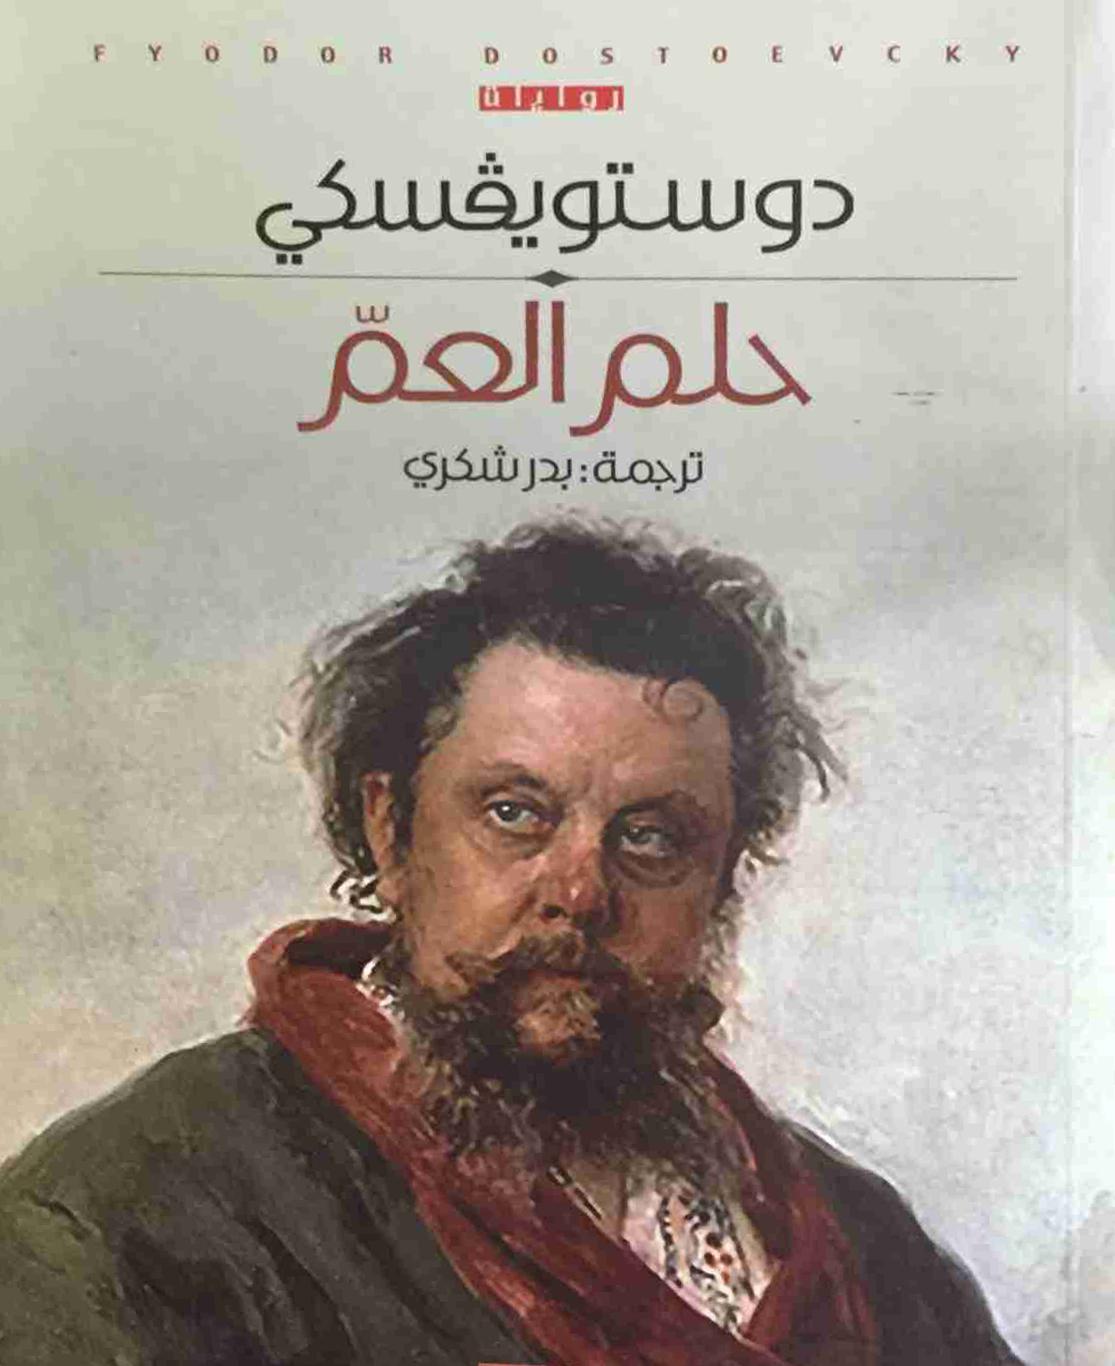 صورة رواية حلم العم – فيودور دوستويفسكي